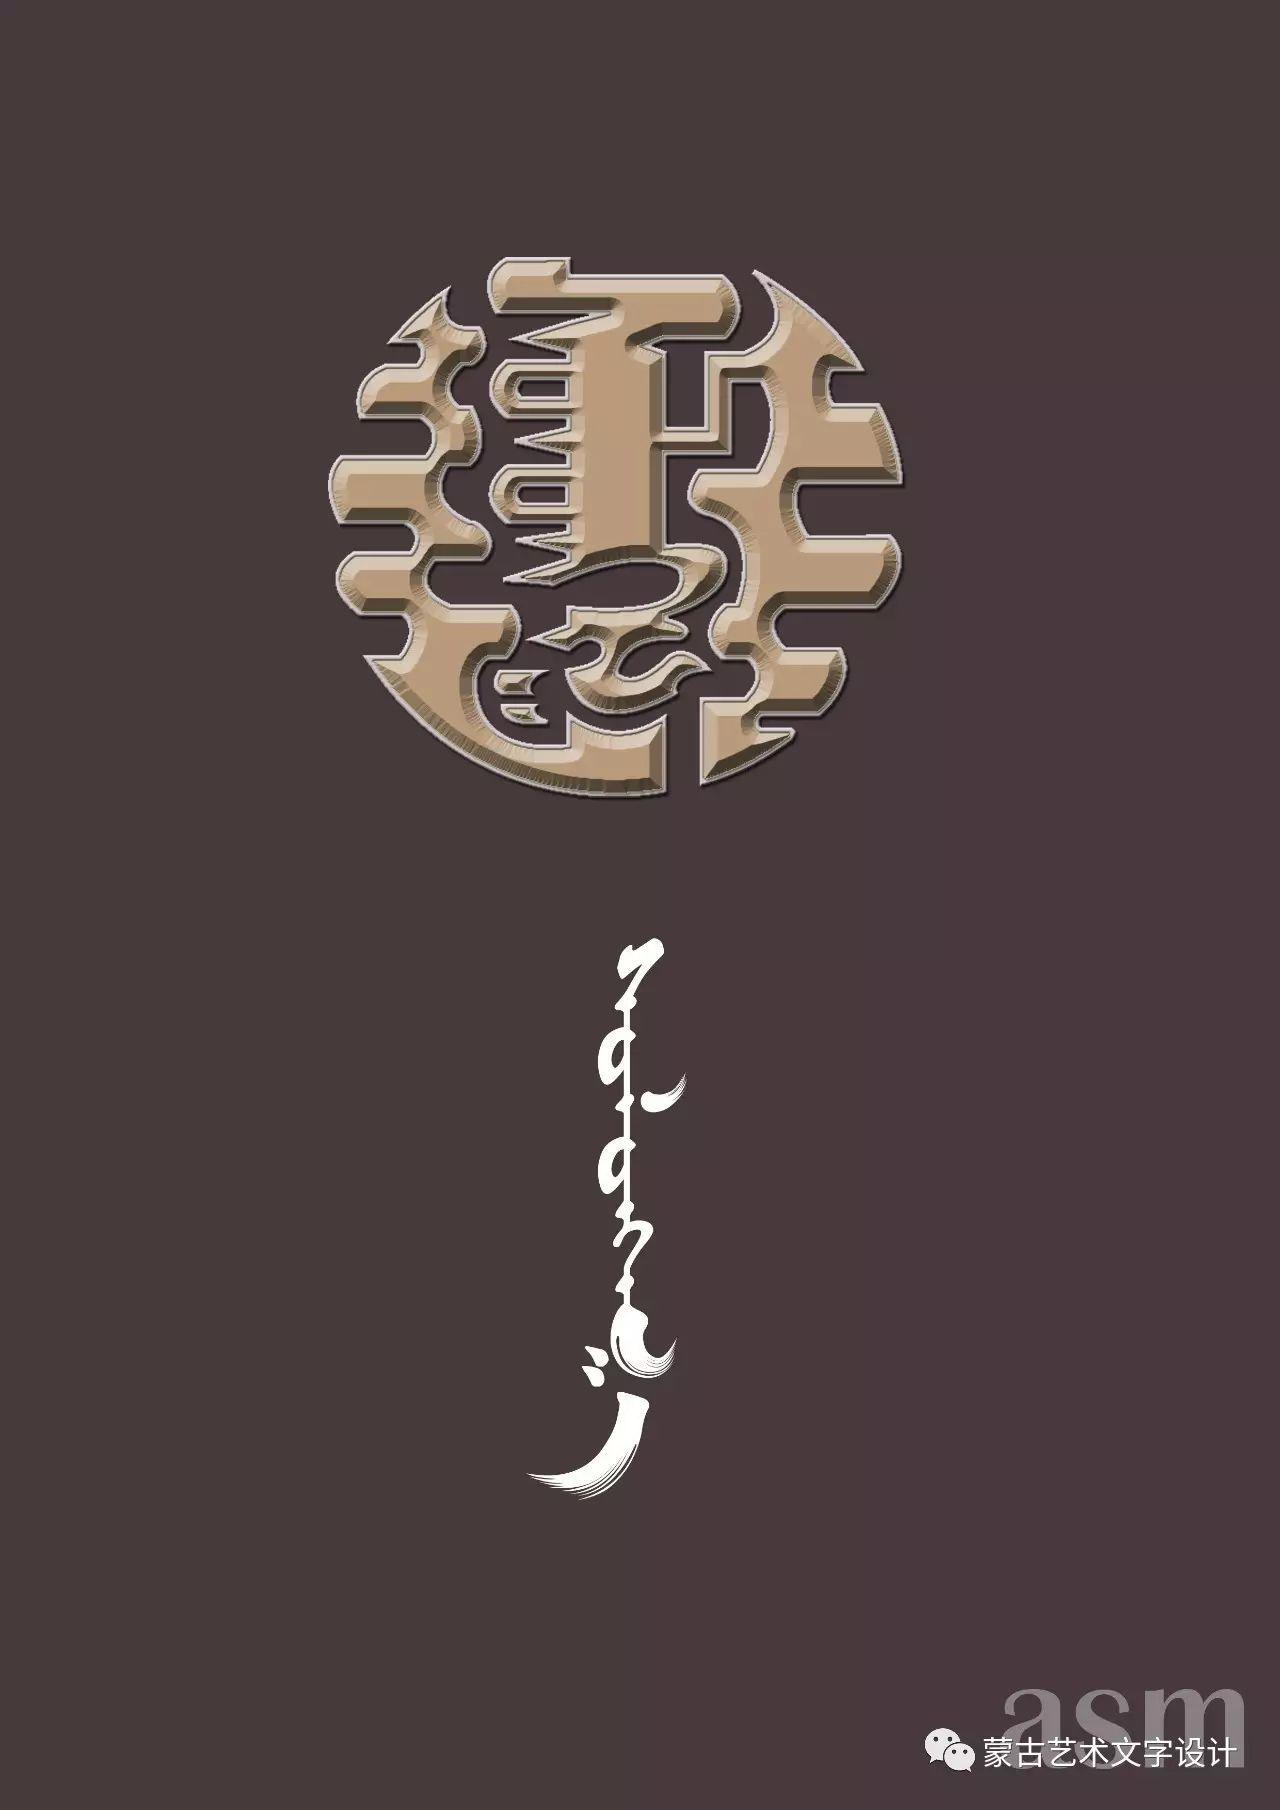 蒙古艺术文字设计 第61张